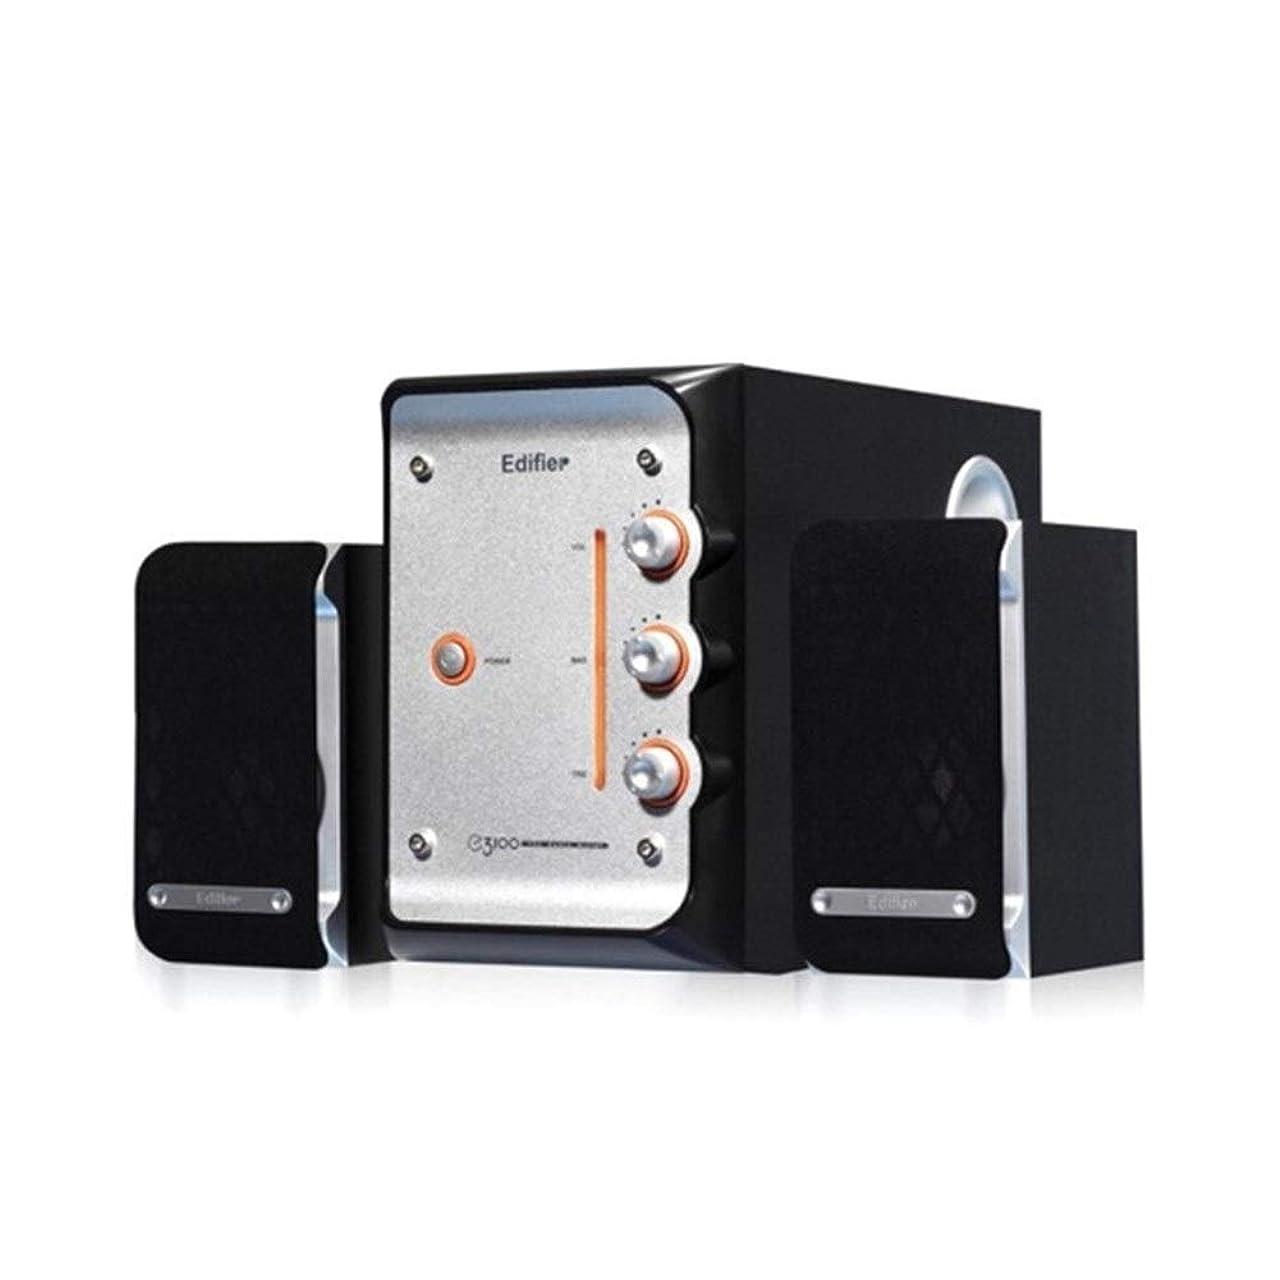 知らせる設置スイッチGUYUEXUAN 2.1チャンネルマルチメディアスピーカーオーディオ、コンピュータのスピーカー、ブラック 持ち運びが容易 (Color : Black)